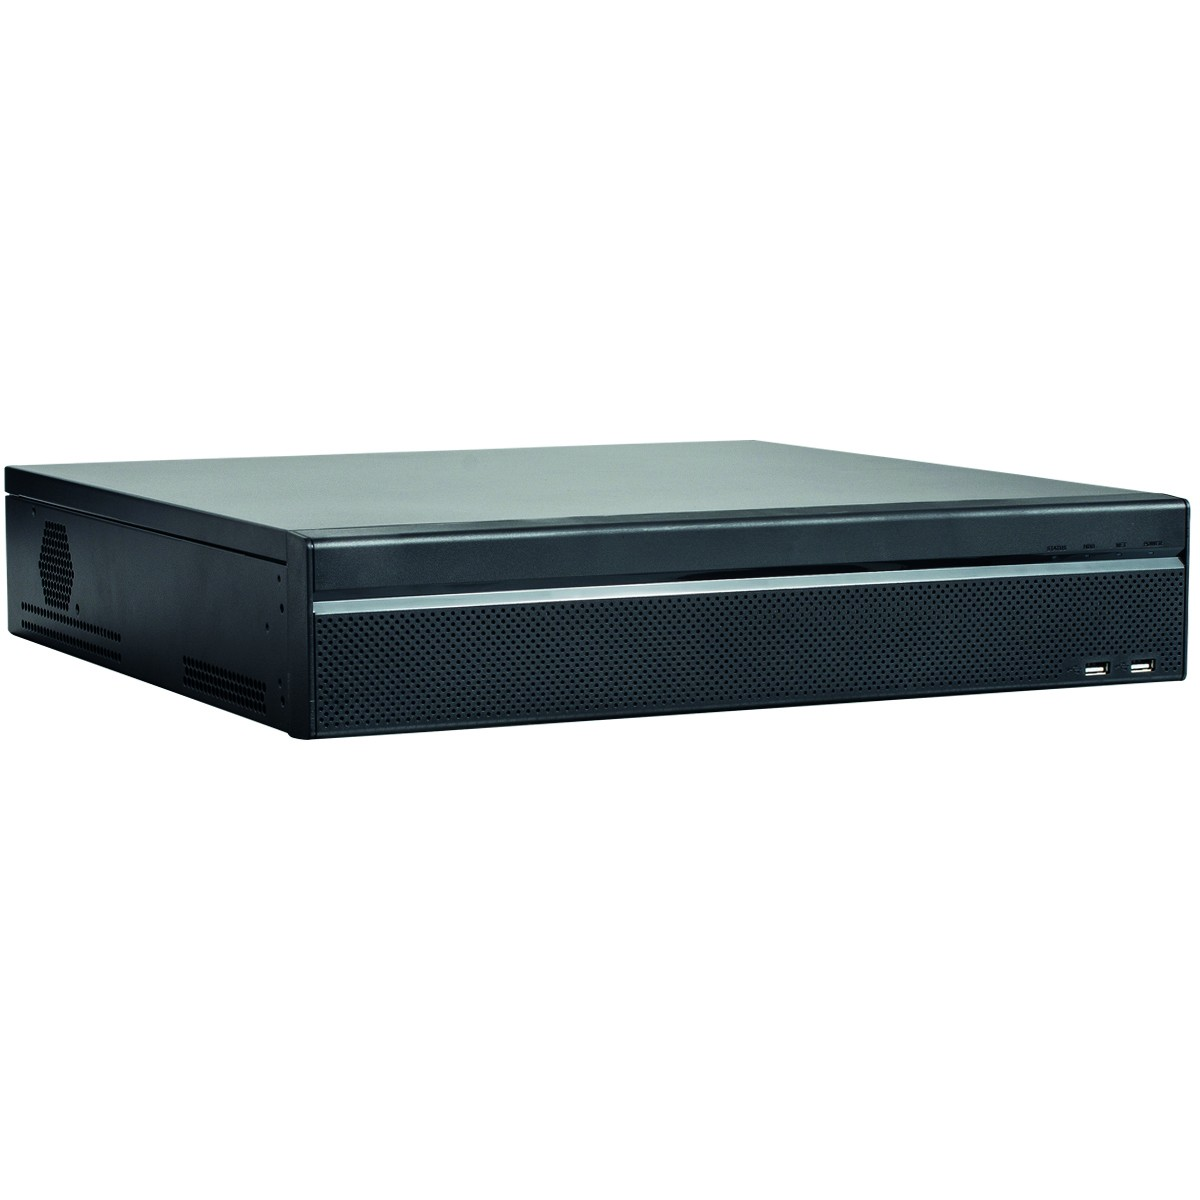 TURM Ultra 4K NVR Rekorder für 32 IP Kamera bis 12 Megapixel mit 384 Mbps, RAID und 2 Netzwerkkarten